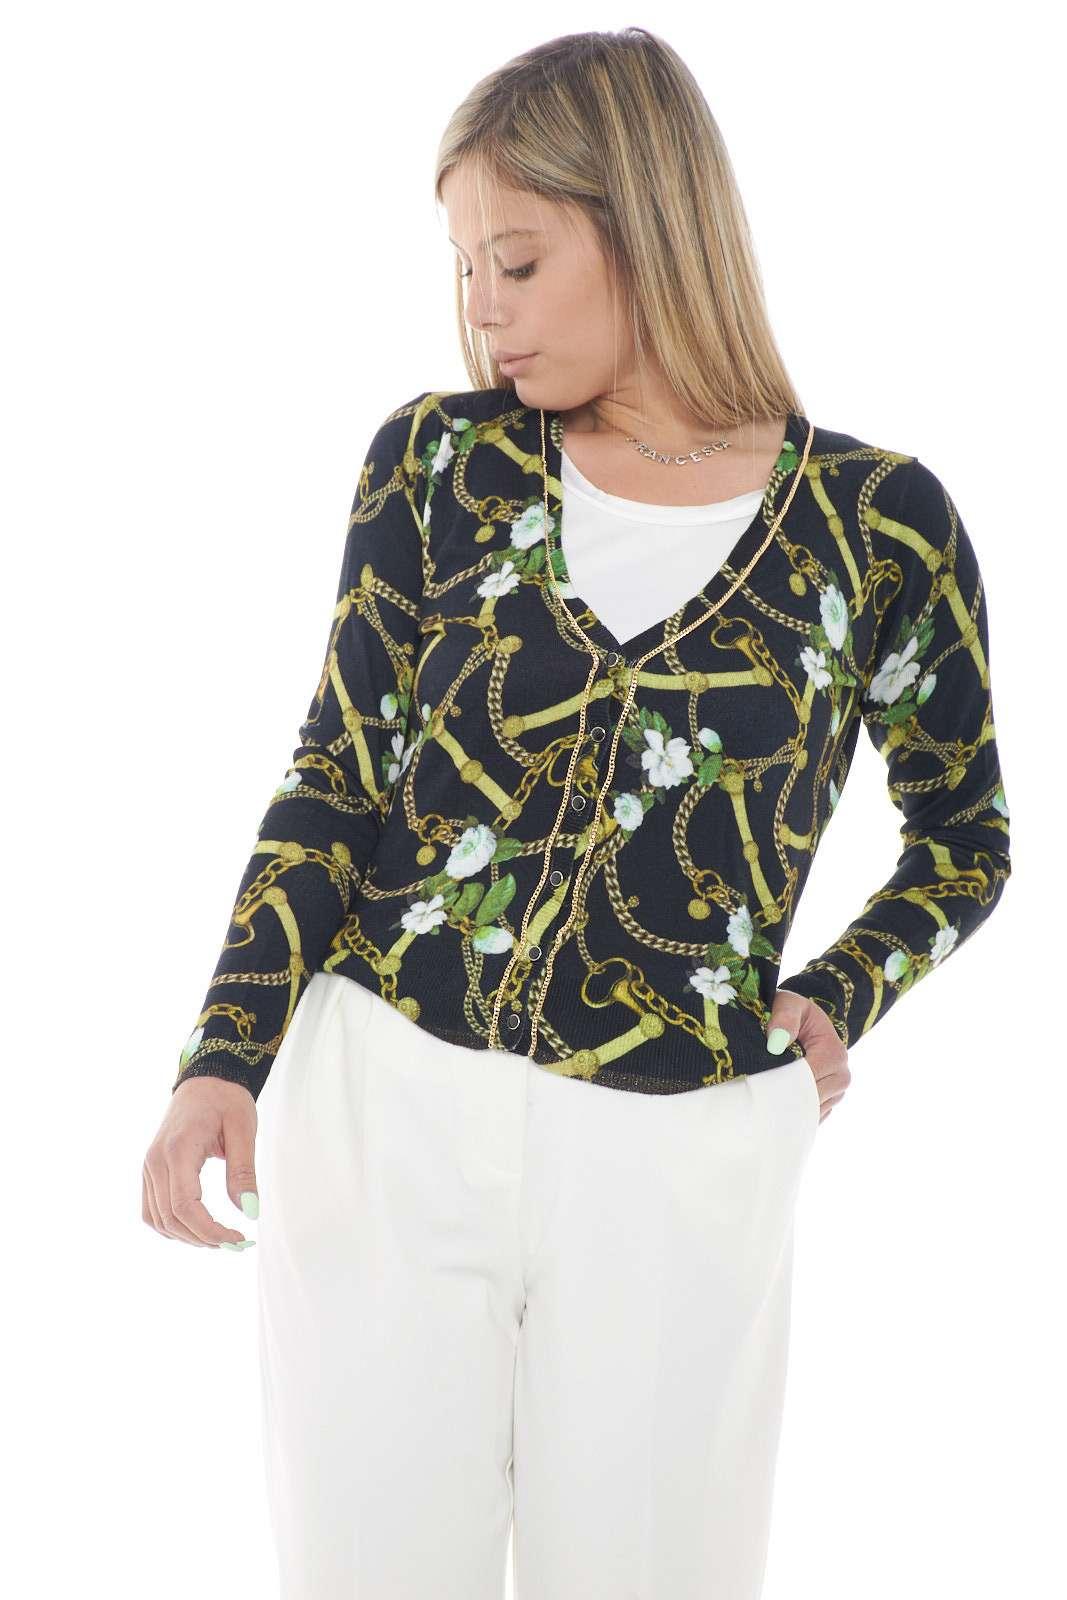 Una delicata fantasia floreale per il cardigan proposto dalla collezione donna Liu Jo. Una vestibilità regolare rifinita con una catena dorata ideale per le occasioni più quotidiane. Da indossare con un jeans o con un pantalone è un must have.